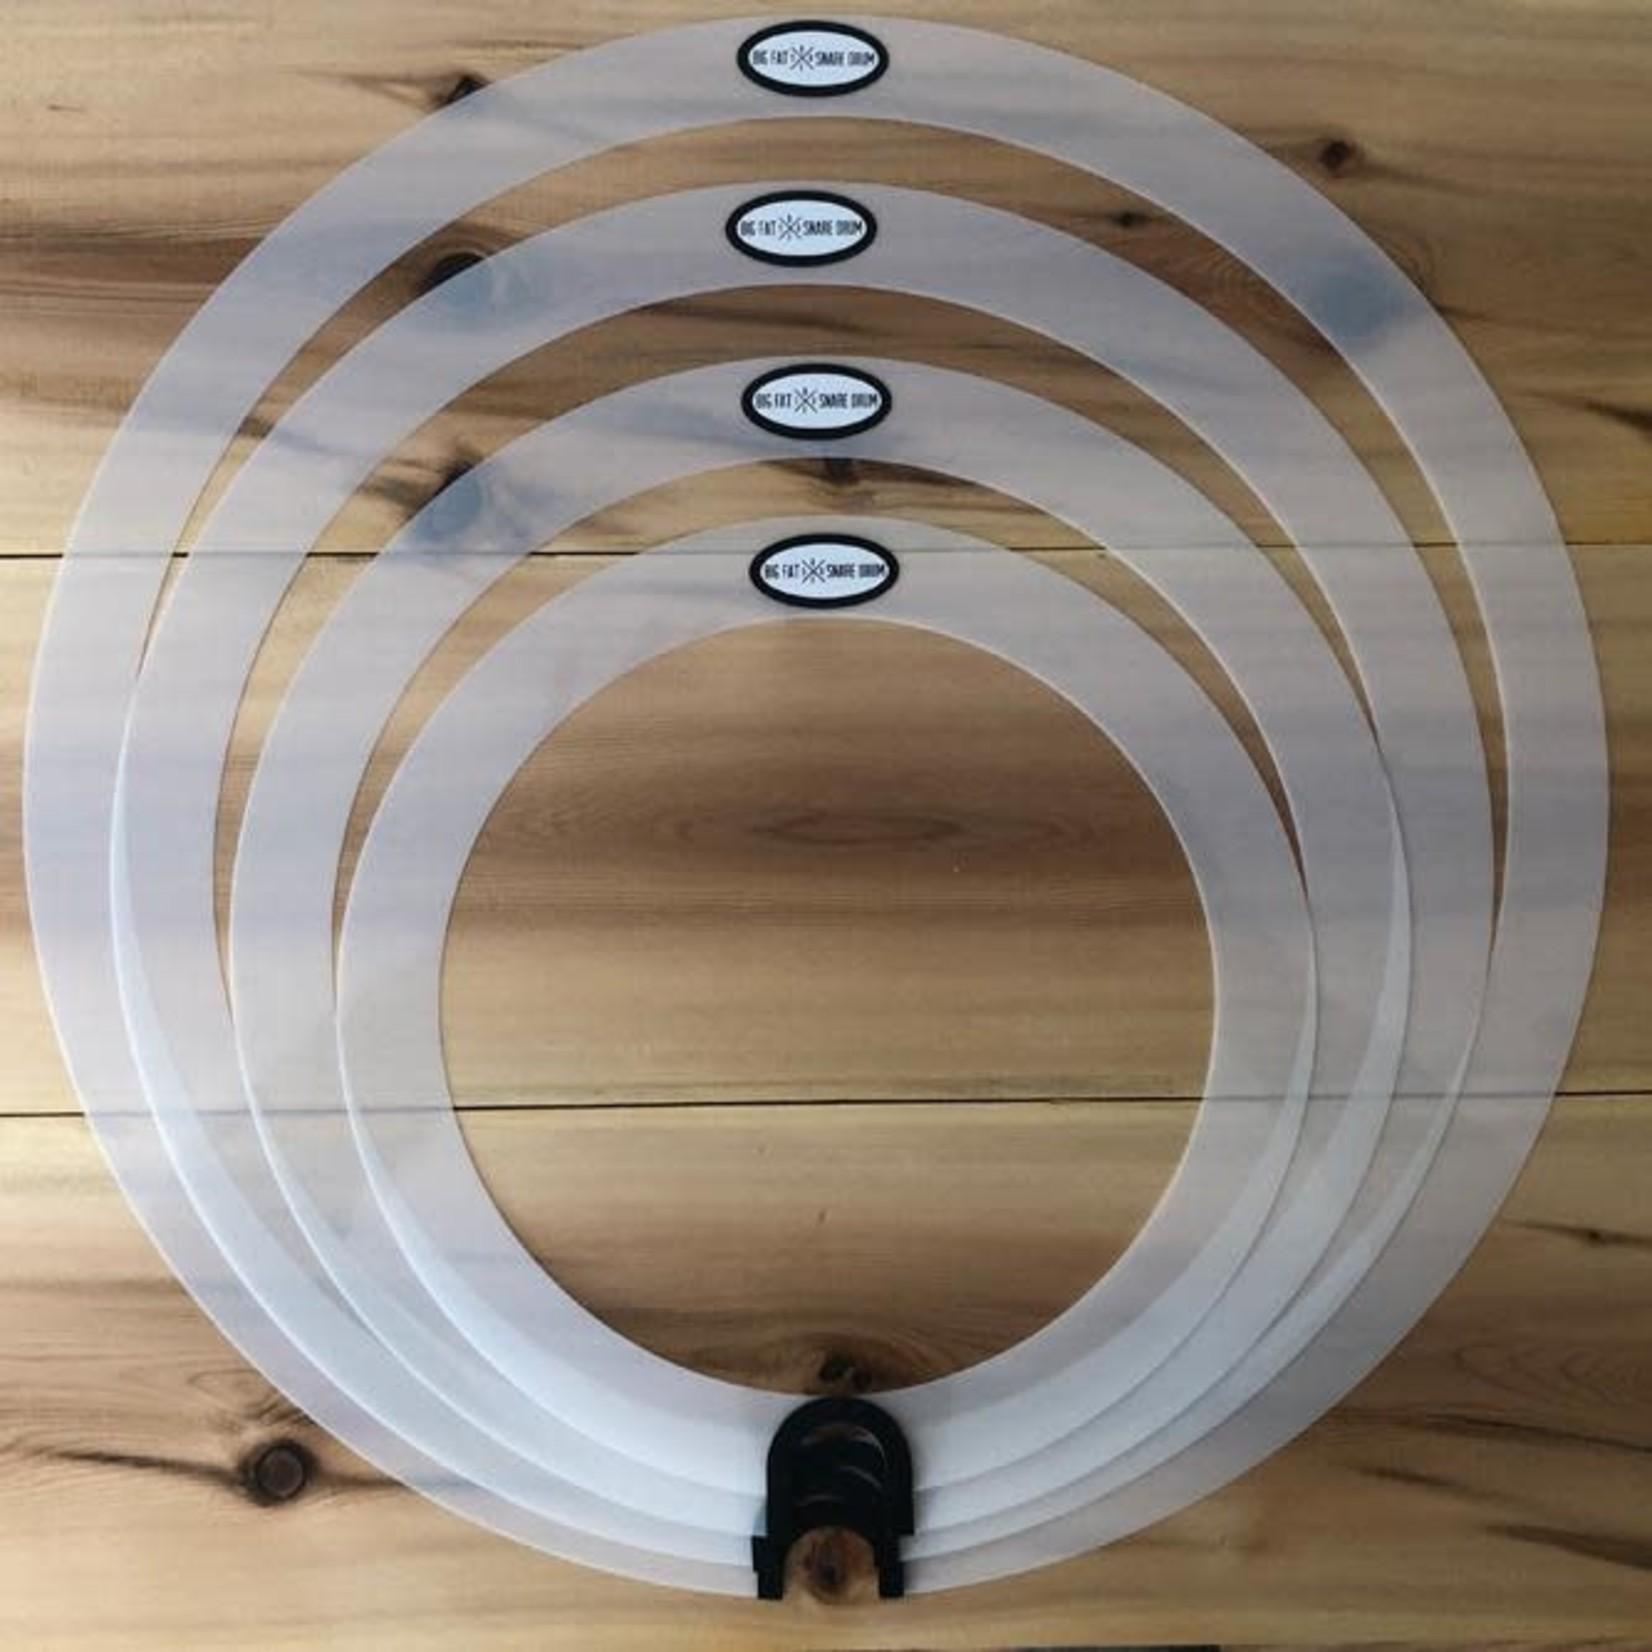 Big Fat Snare Drum BIG FAT SNARE ROUND SOUND 4 PK BFSDSPRS